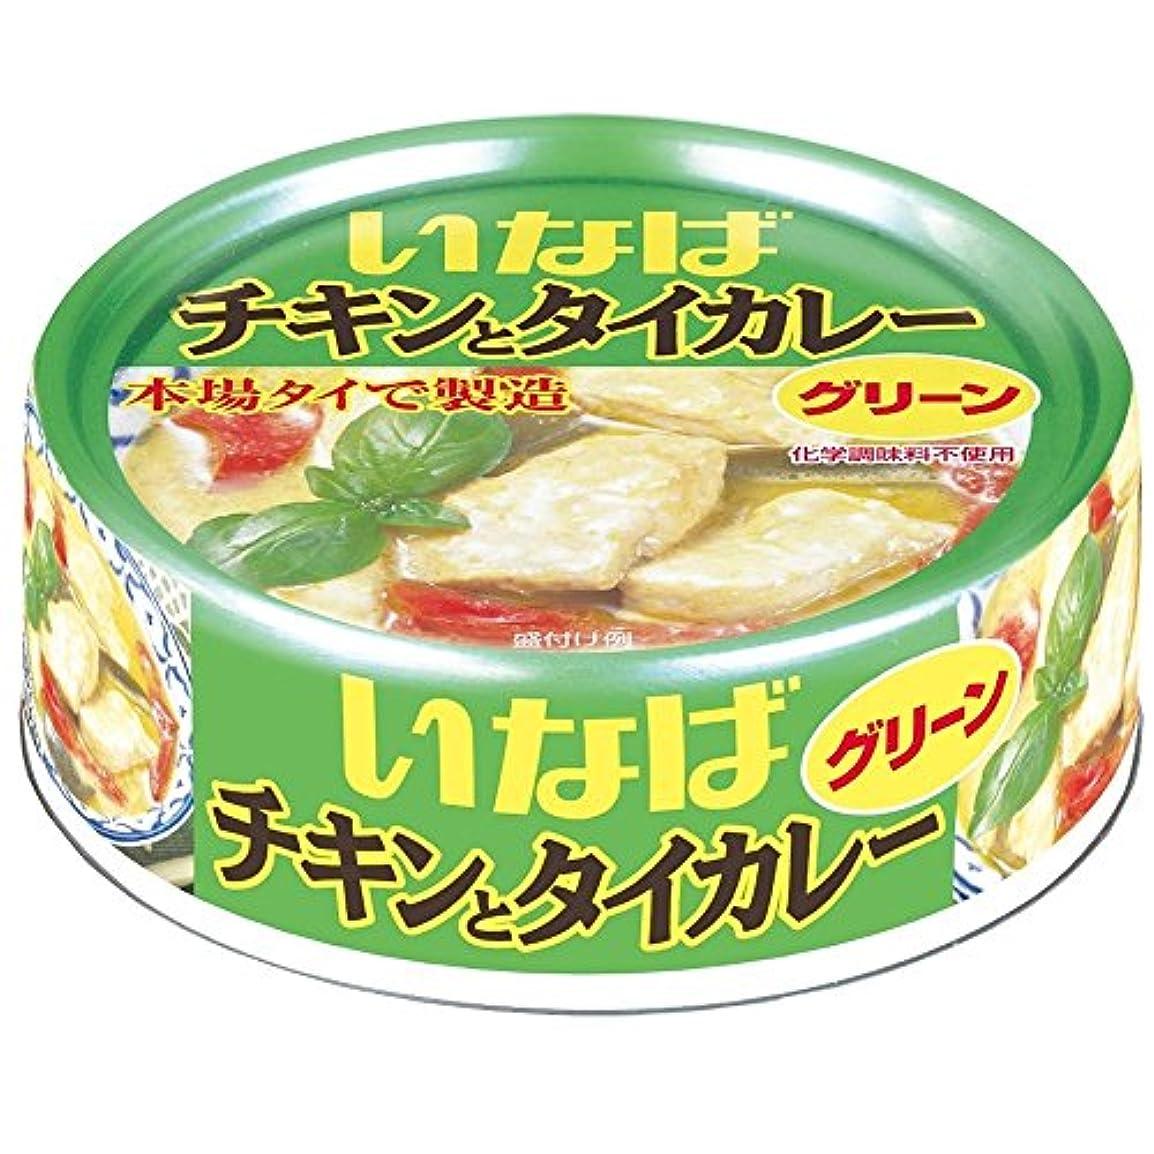 また明日ね肉妊娠したいなば食品 【チキン】とタイカレー グリーン 125g缶詰 12個